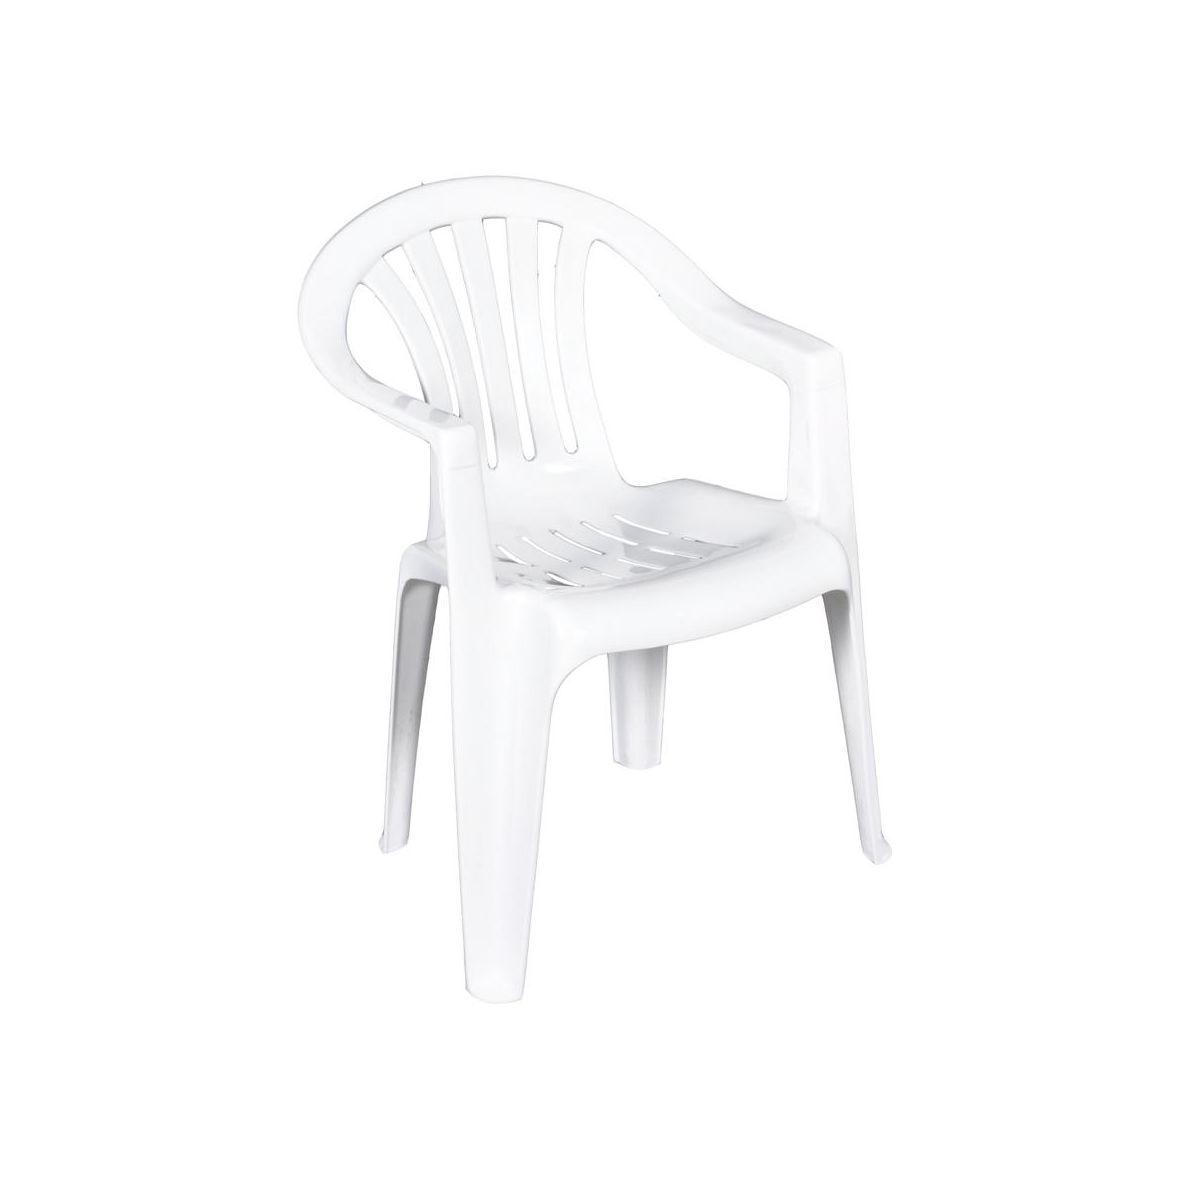 Krzesło Plastikowe Ogrodowe Balkonowe Cyrkon Białe